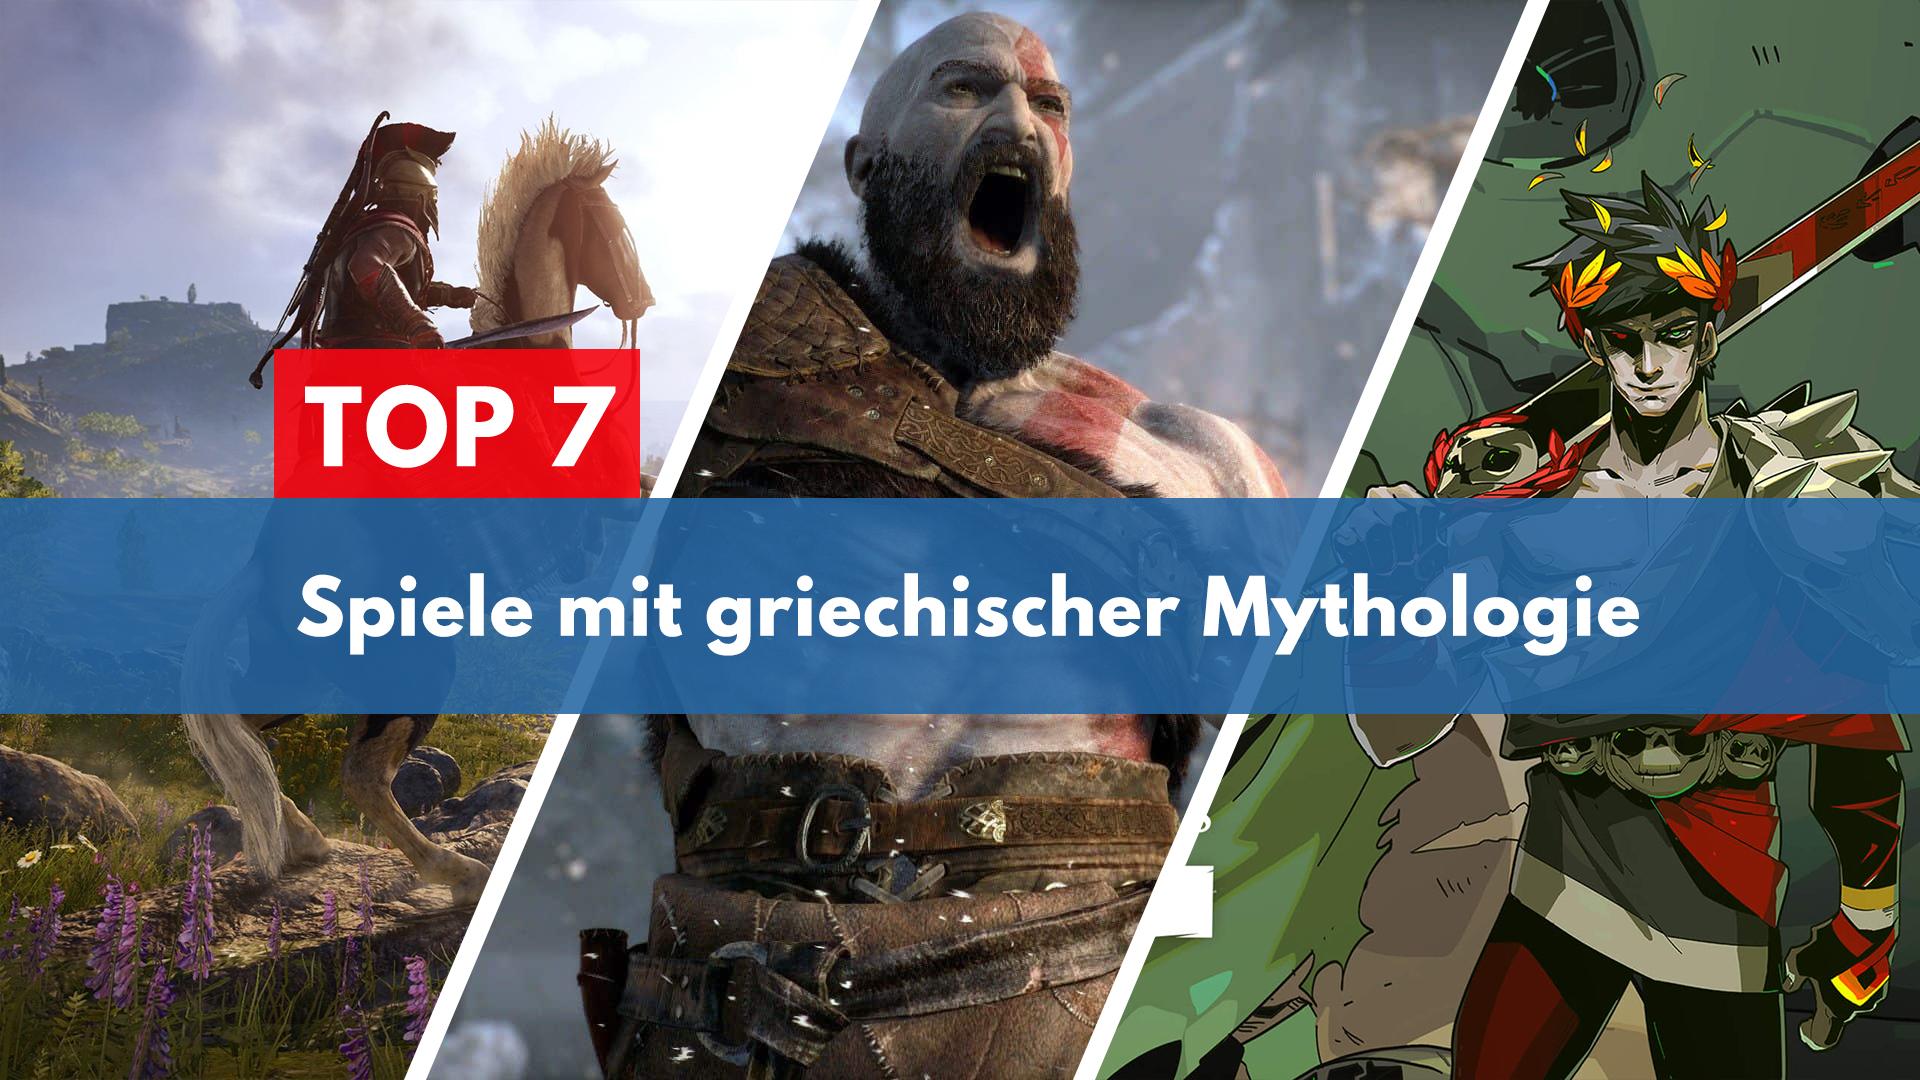 Top 7 Spiele mit griechischer Mythologie